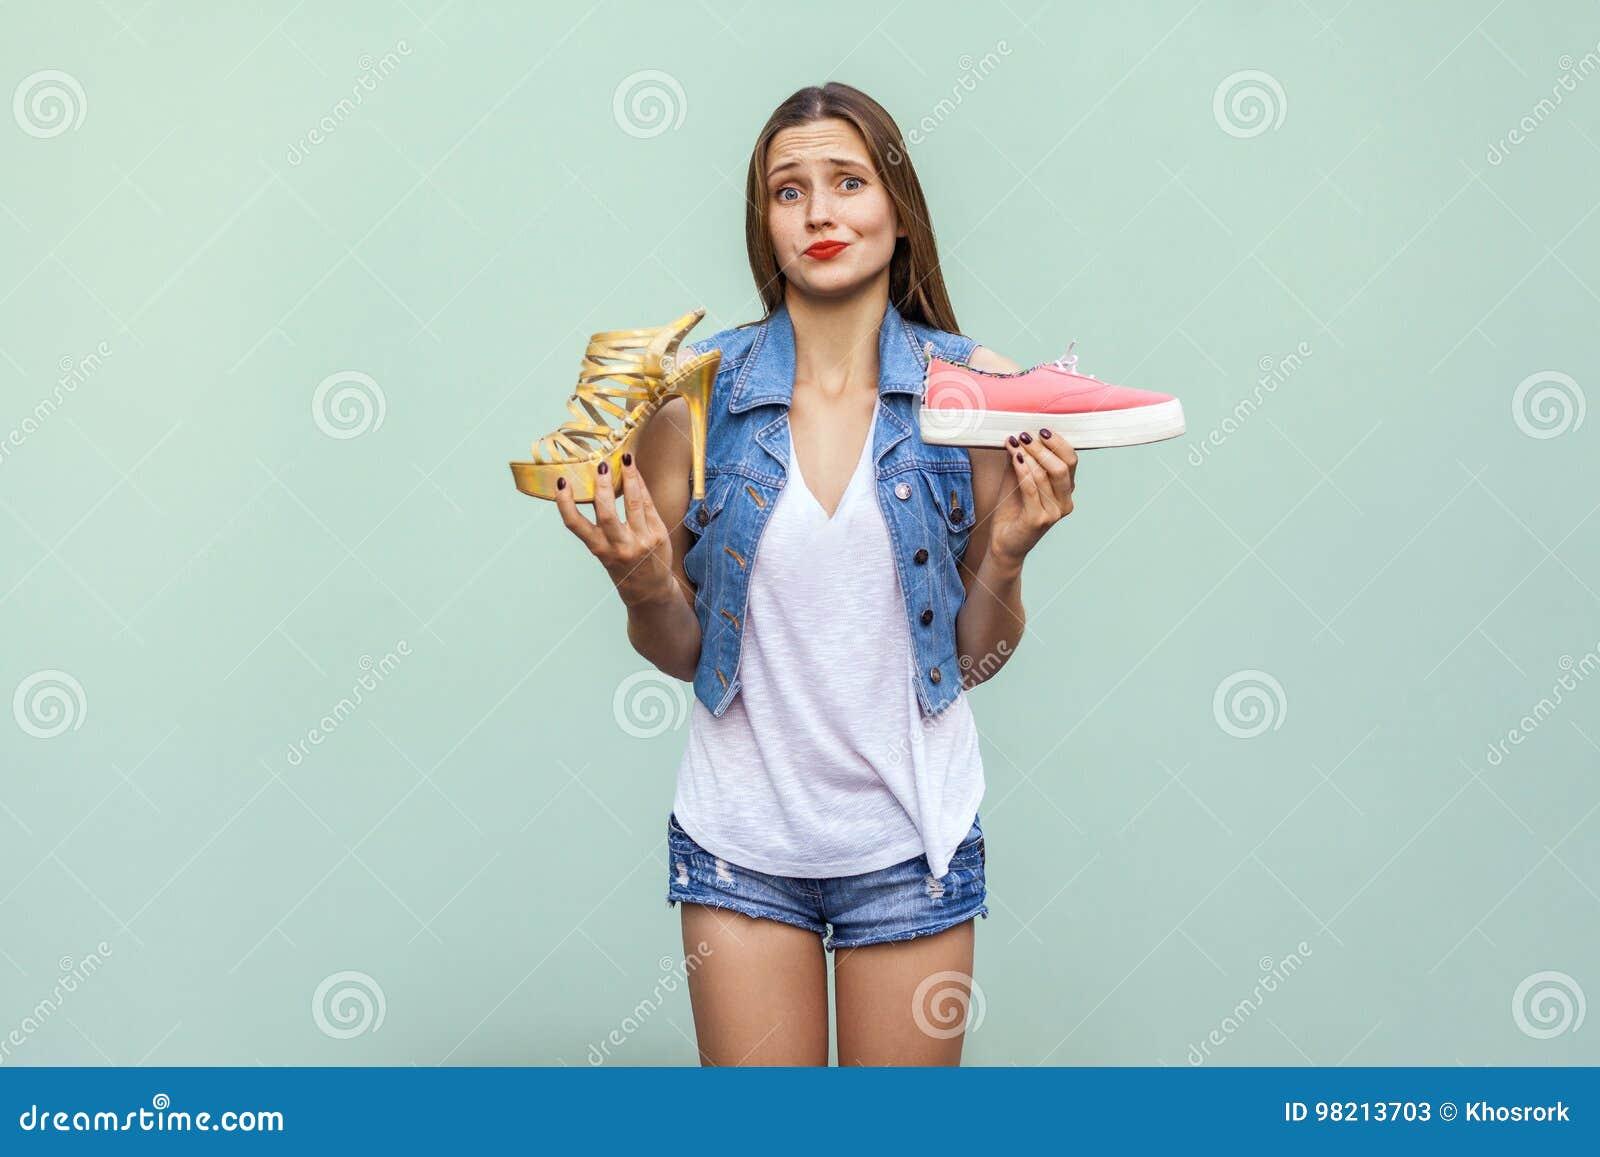 ... caucasiano bonita com sardas obteve de escolha as sapatilhas  confortáveis ou o salto alto incômodo mas considerável, de pensamento e de  vista a câmera O ... 3ac4c1cffe